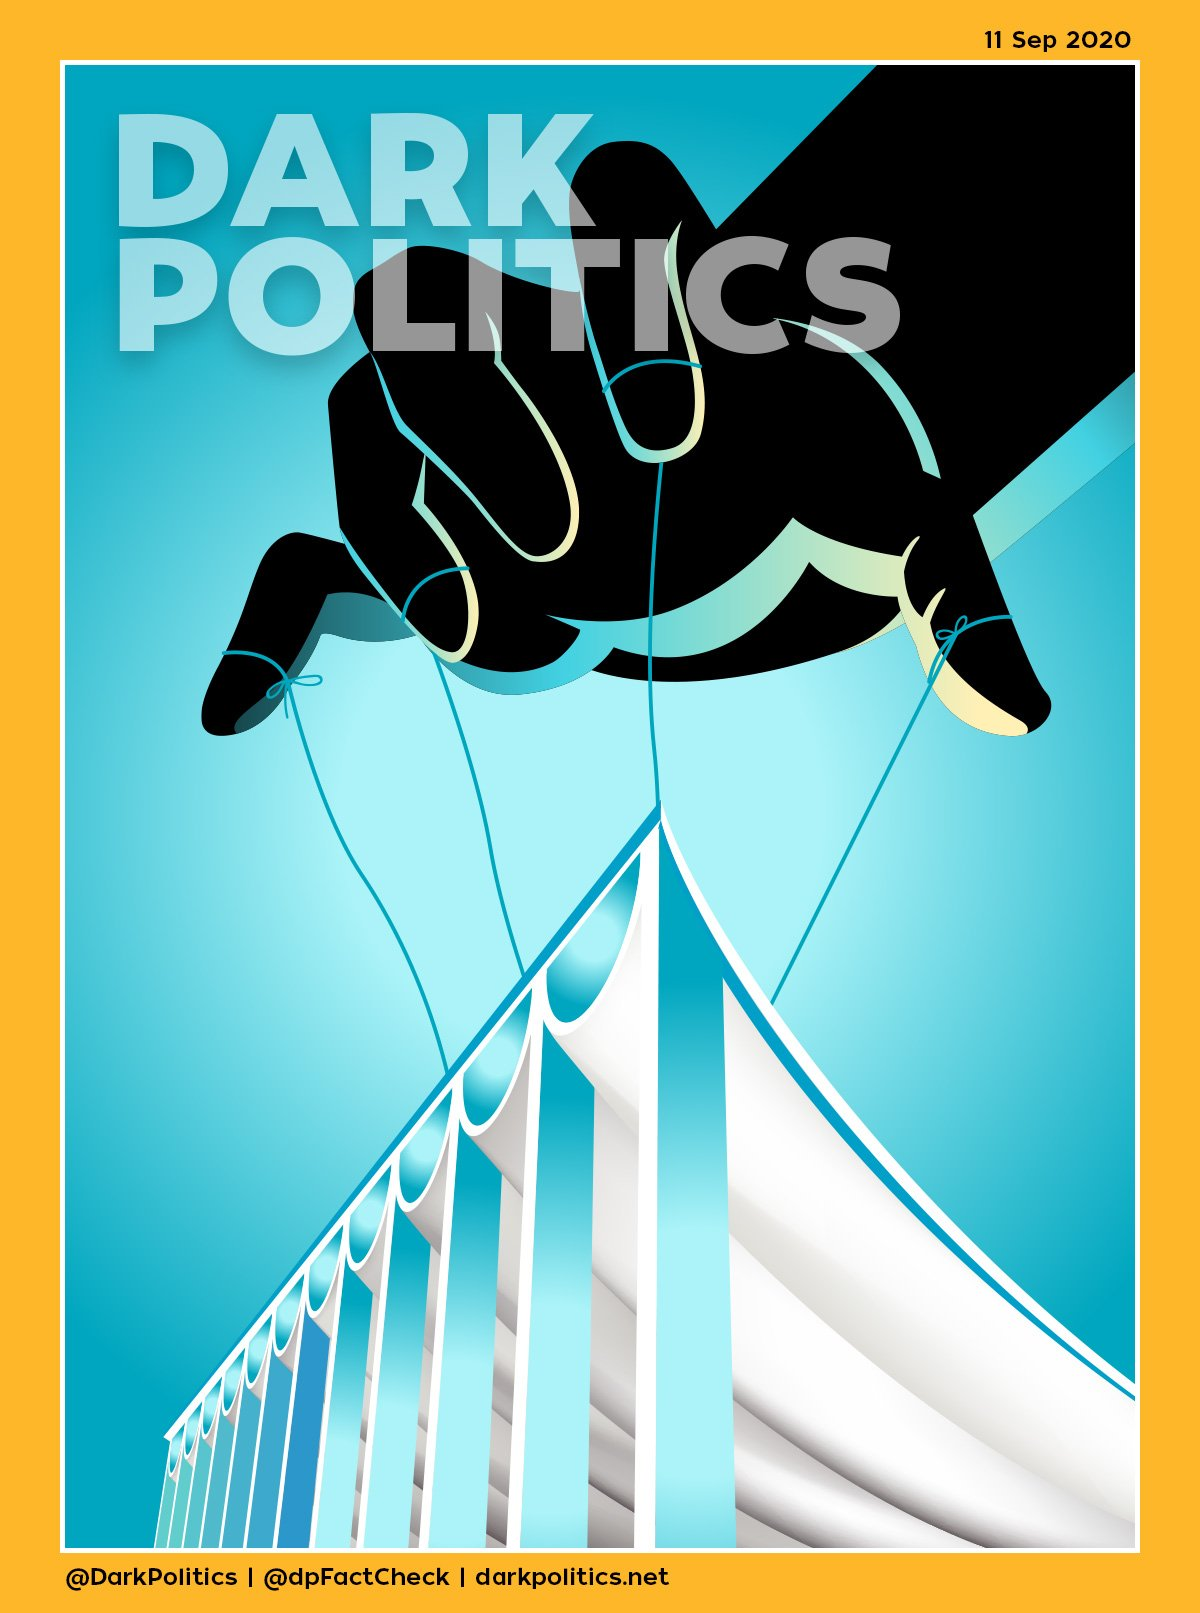 غلاف سبتمبر 2020 - مجلس الأمة